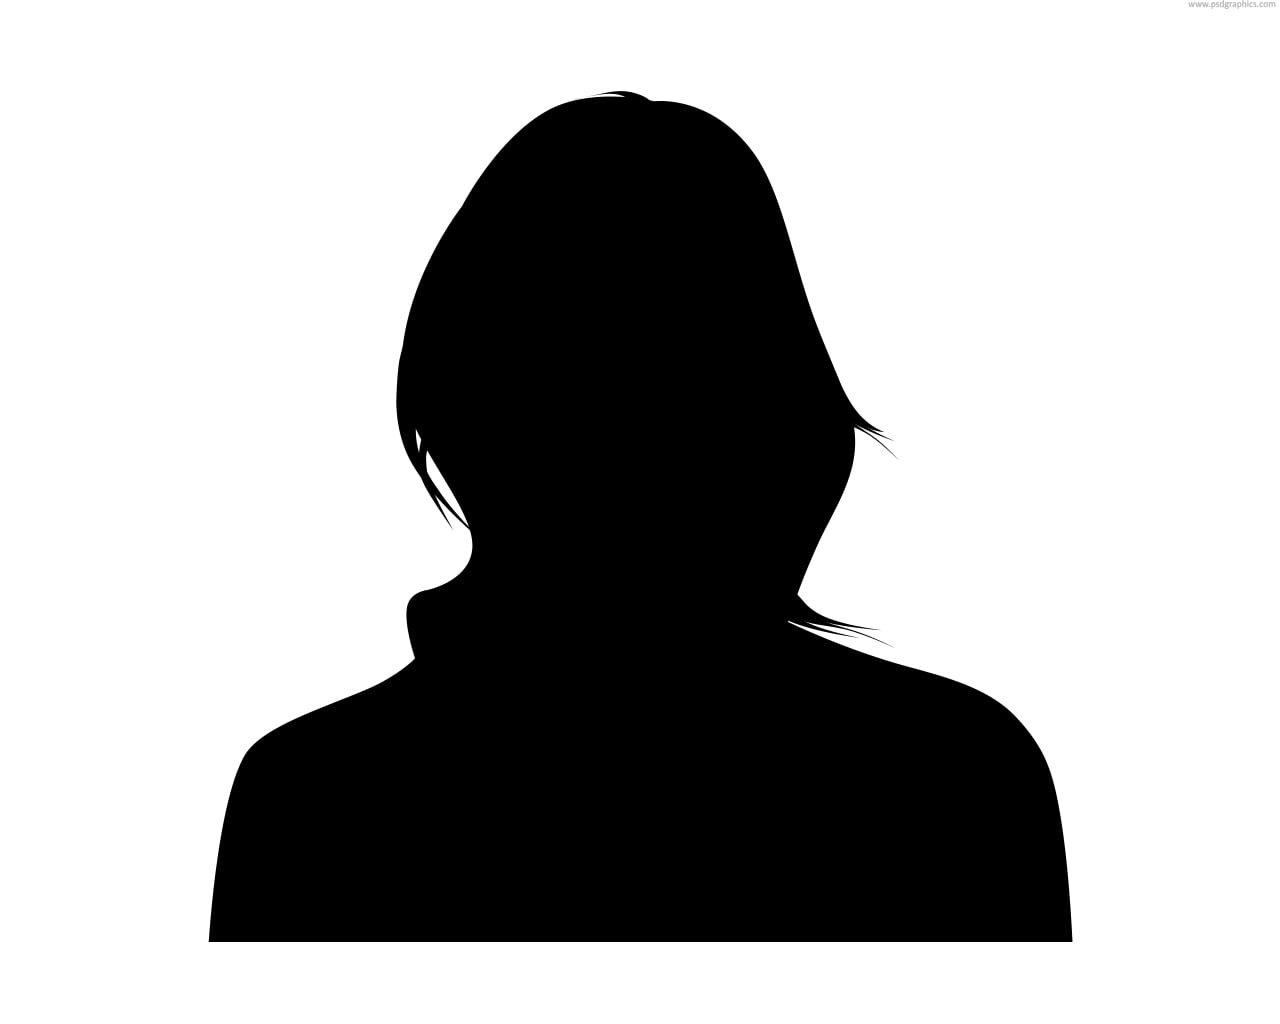 unknown-person-icon-22